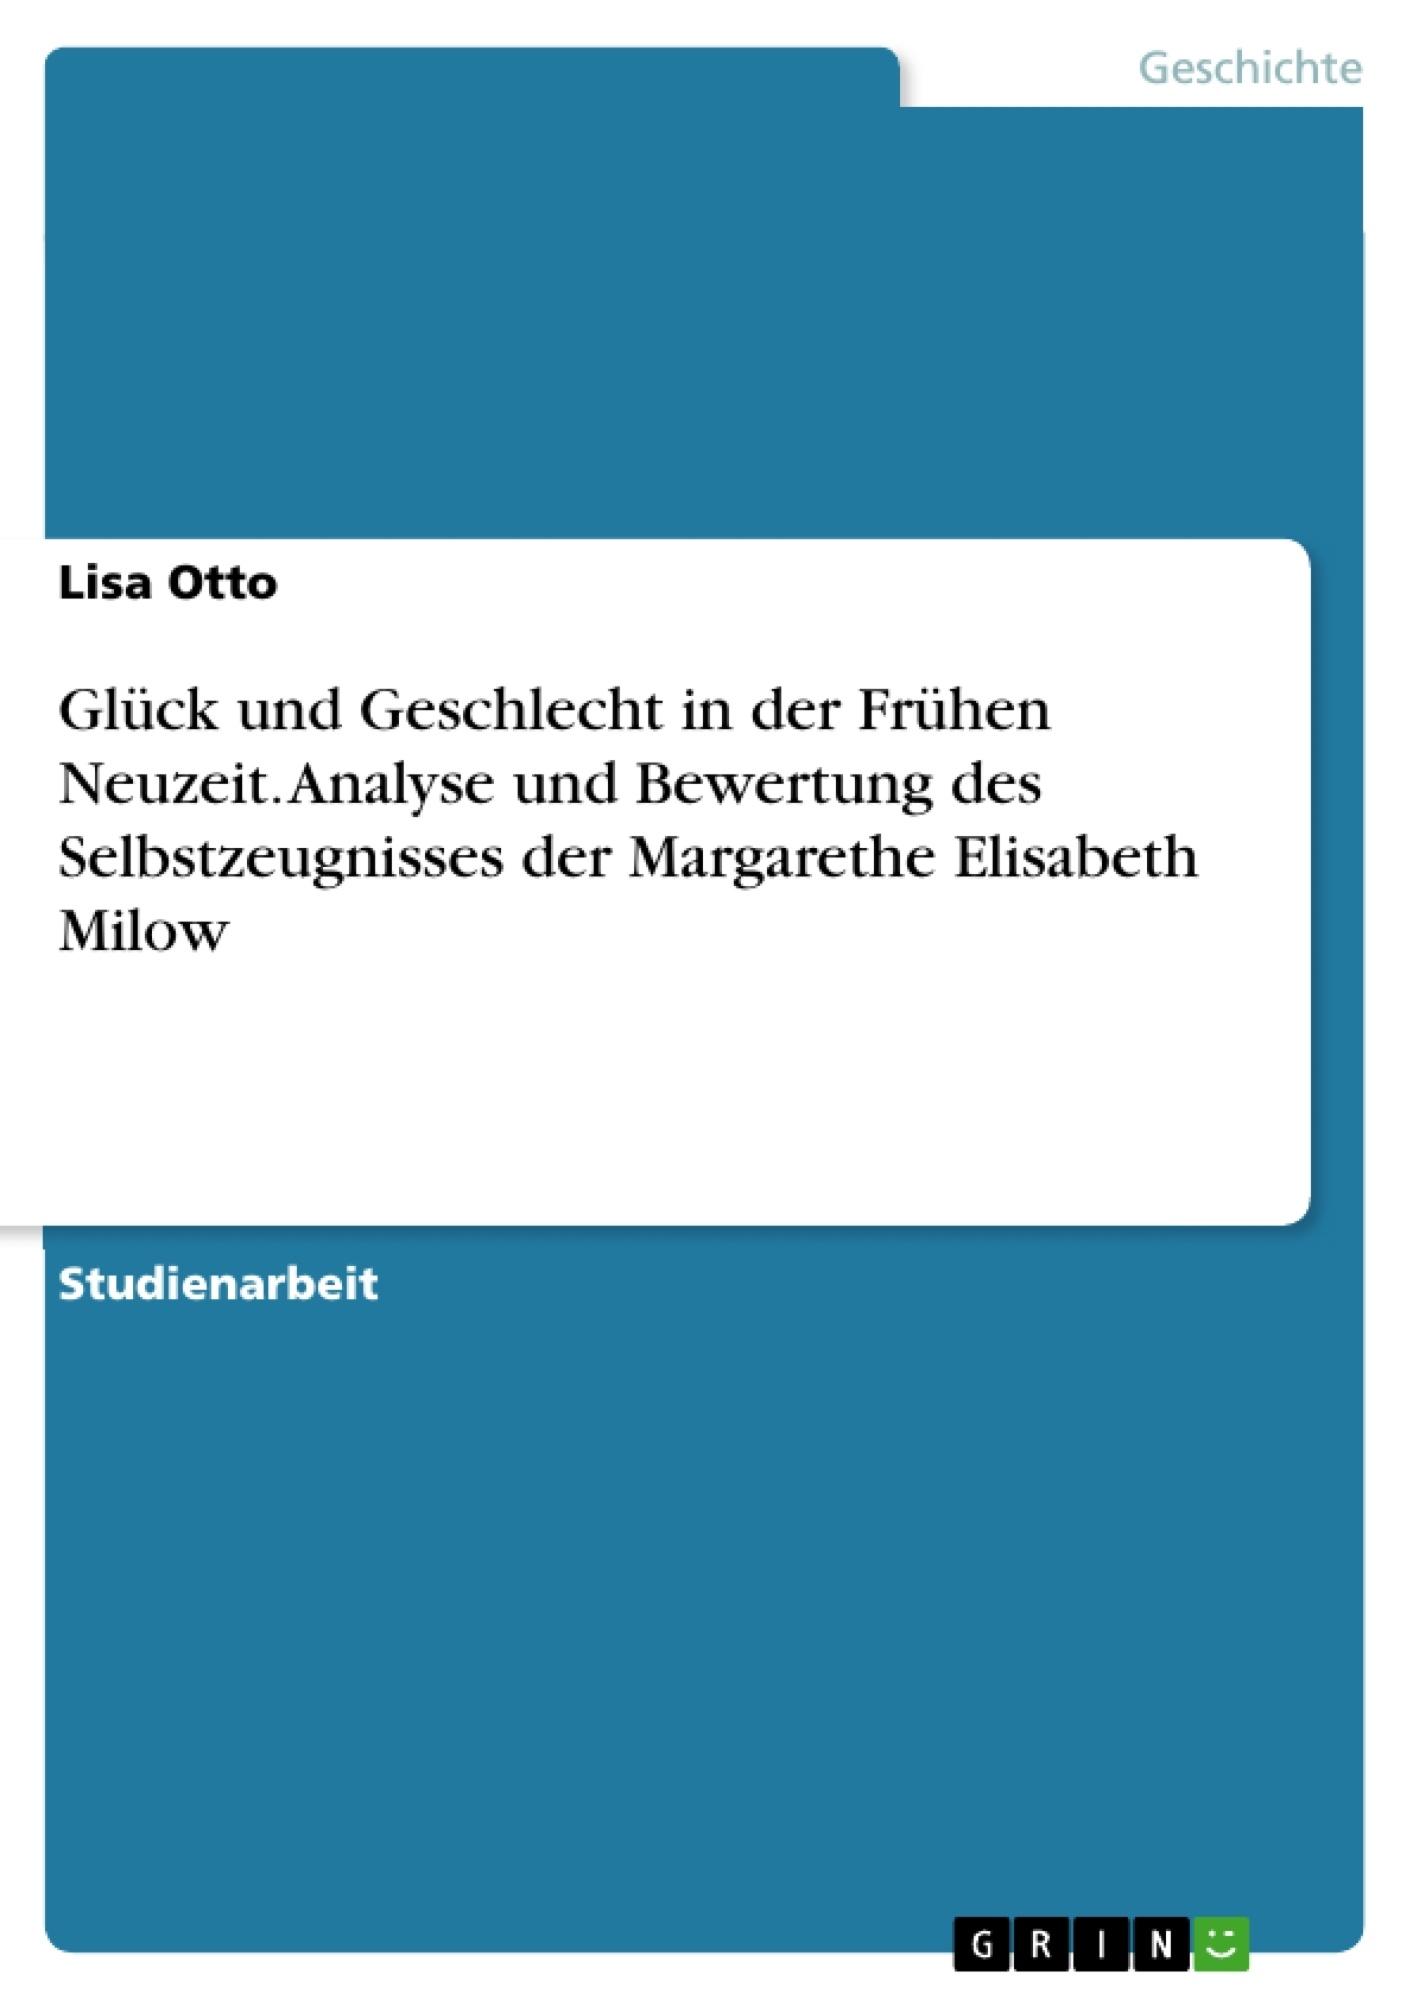 Titel: Glück und Geschlecht in der Frühen Neuzeit. Analyse und Bewertung des Selbstzeugnisses der Margarethe Elisabeth Milow